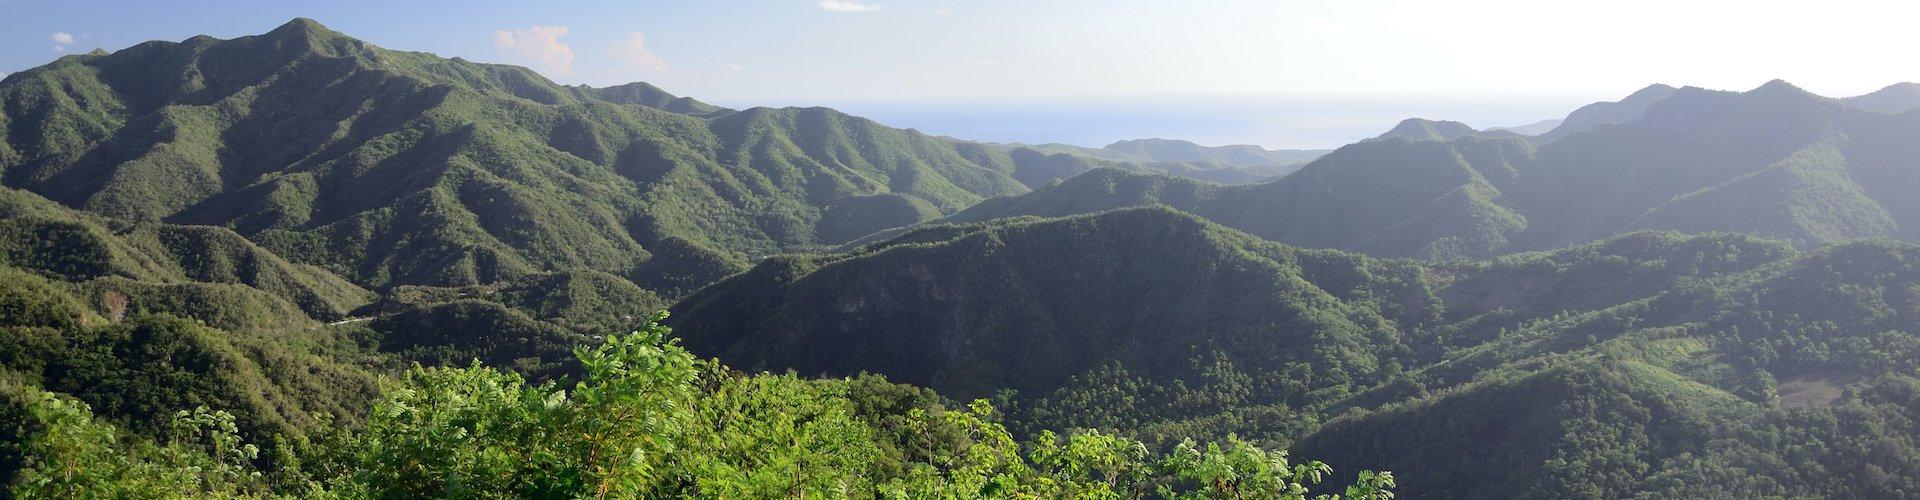 Ausflugsziel Sierra Maestra